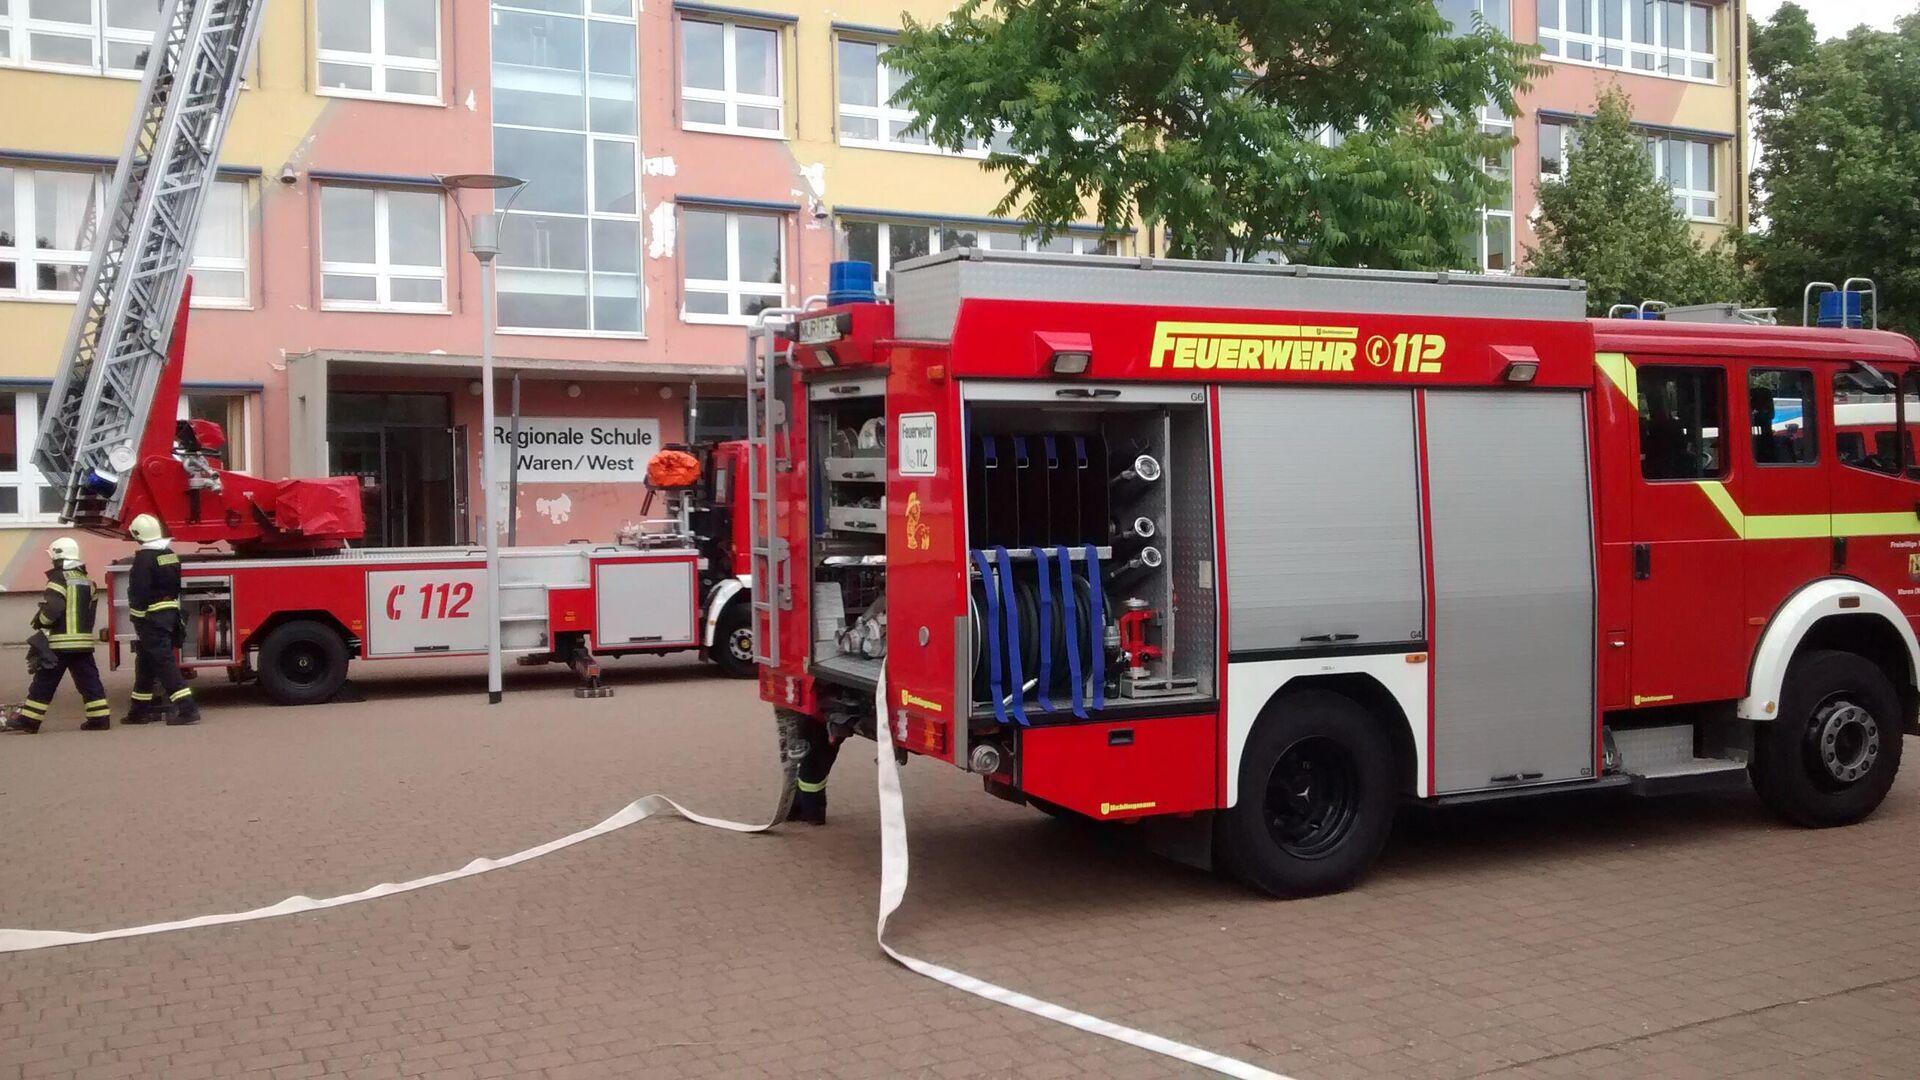 Feuerwehr (Symbolbild) - SNA, 1920, 19.07.2021